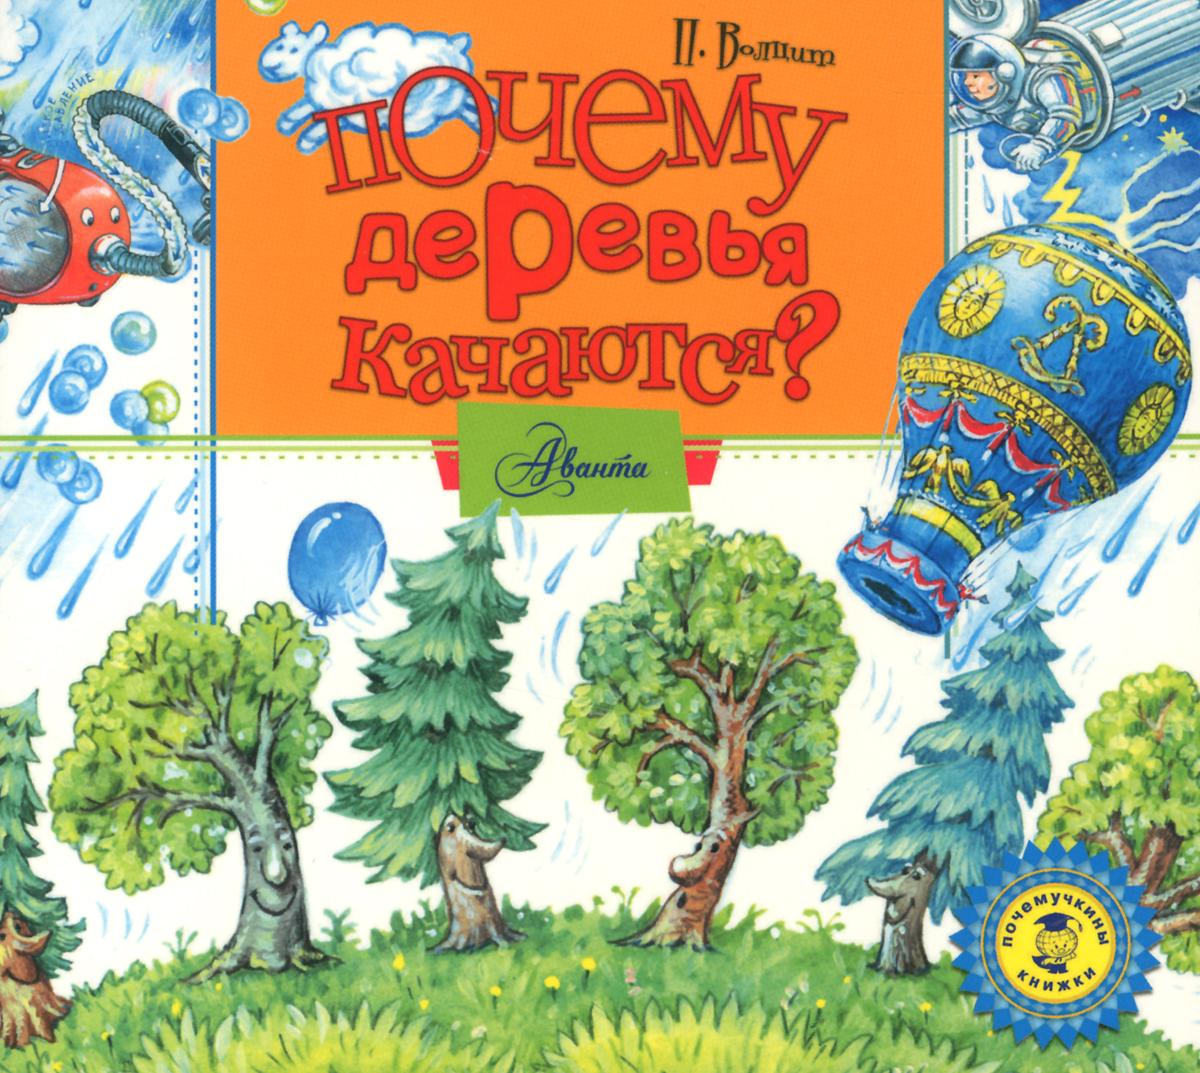 Почему деревья качаются? (аудиокнига MP3)12296407Наш Почемучкин всегда готов поделиться знаниями. В этой аудиокниге он поможет ребятам разобраться с некоторыми природными явлениями: грозой, ветром, дождем, градом, росой, объяснит народные приметы, связанные с ними, и расскажет, почему погода на Земле такая разная и переменчивая. Для детей младшего школьного возраста.